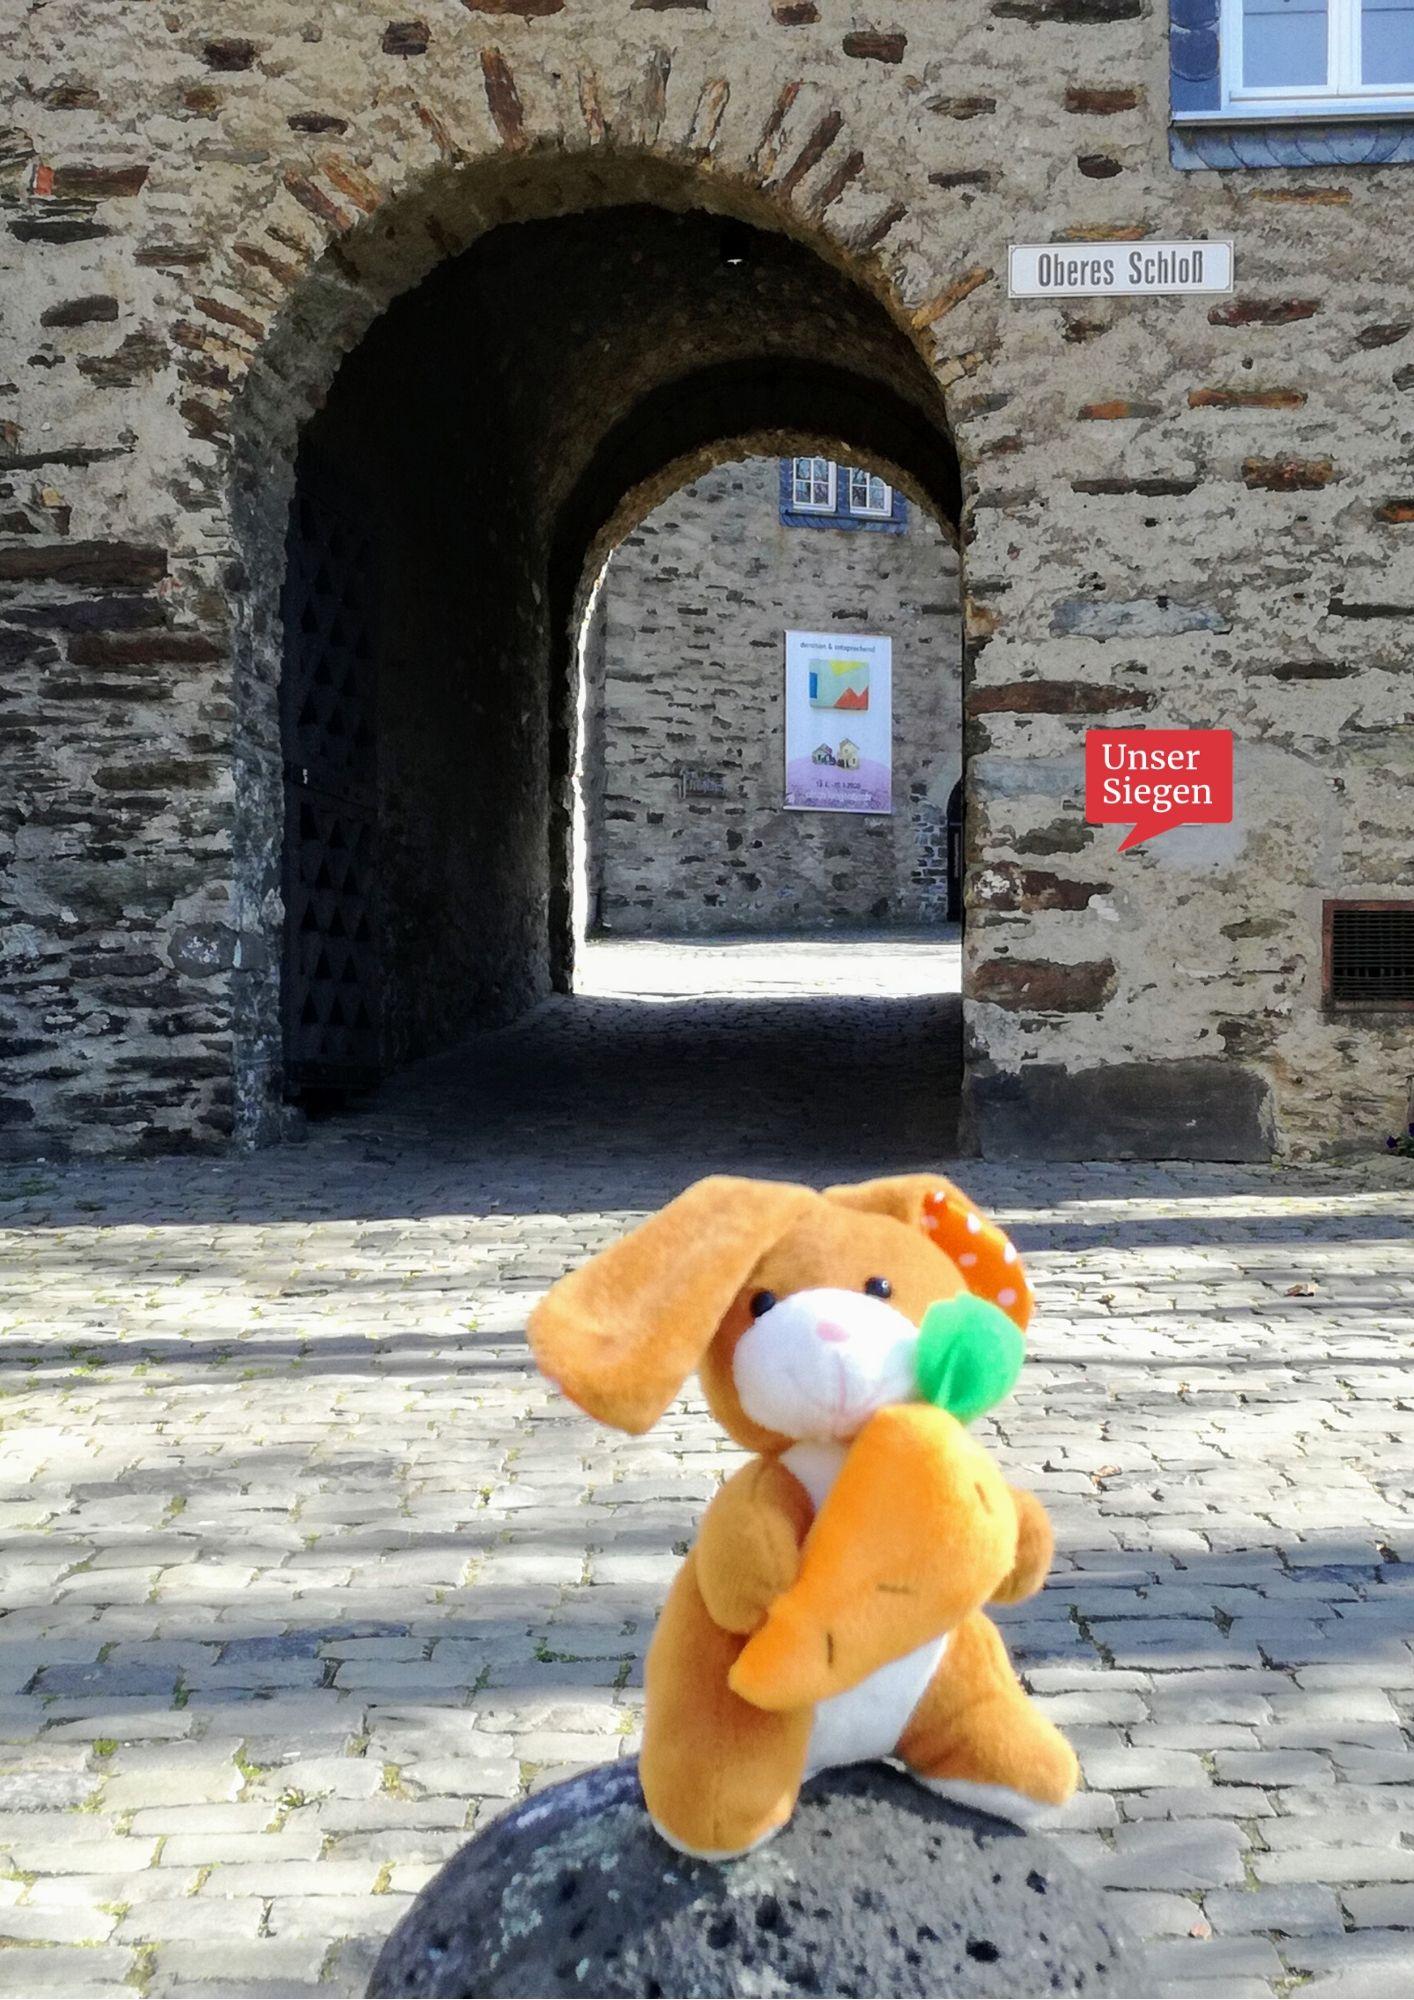 Der vergessliche Plüschhase sitzt vor dem Torbogen des Oberen Schlosses in Siegen. Foto mit freundlicher Genehmigung von Sarah Wagener